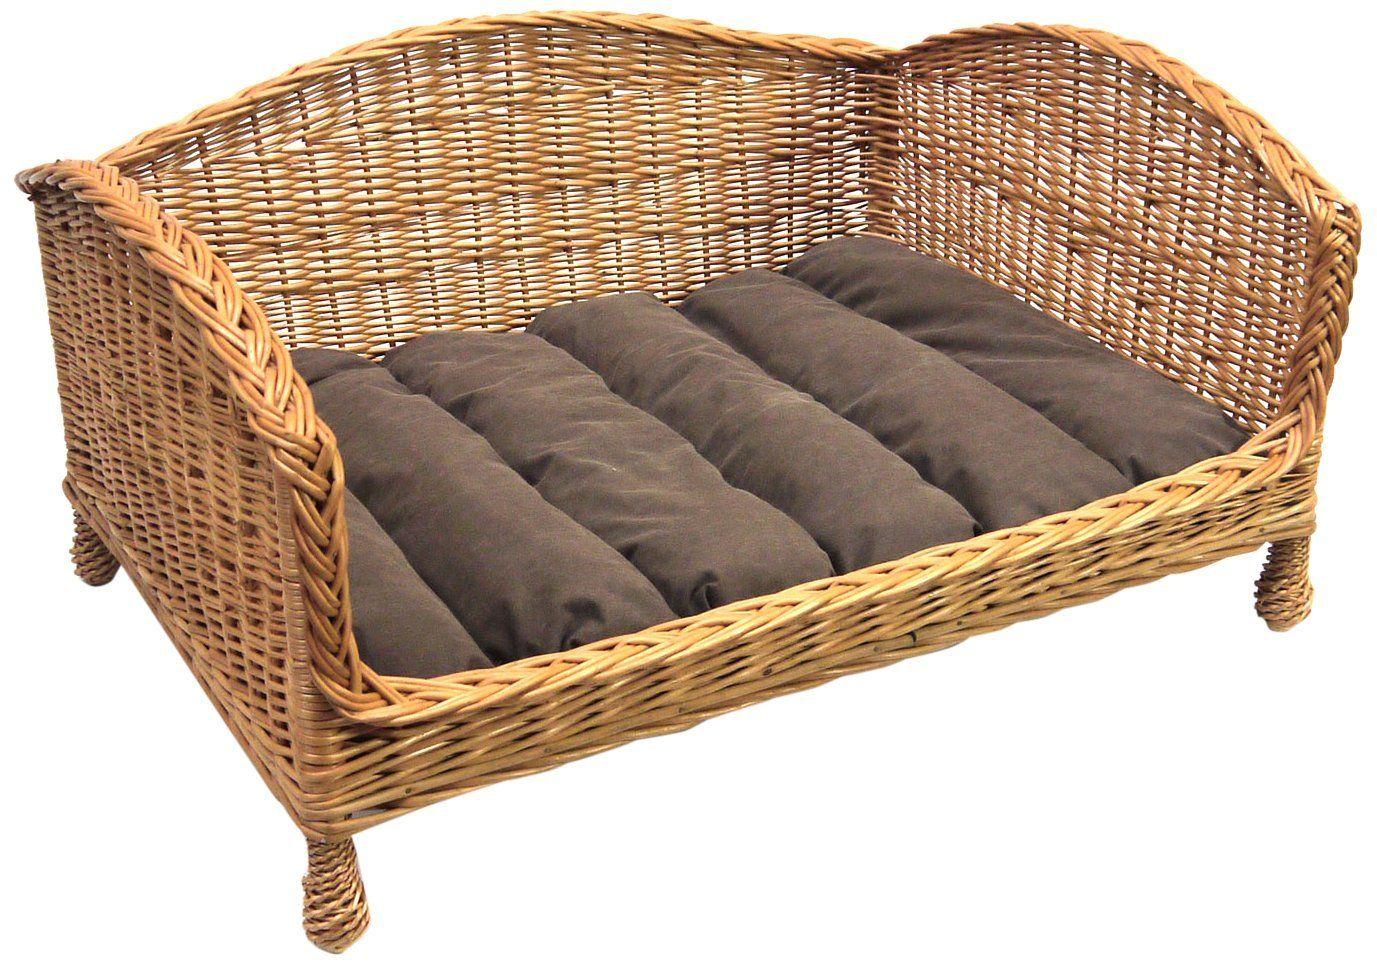 Organic dog basket